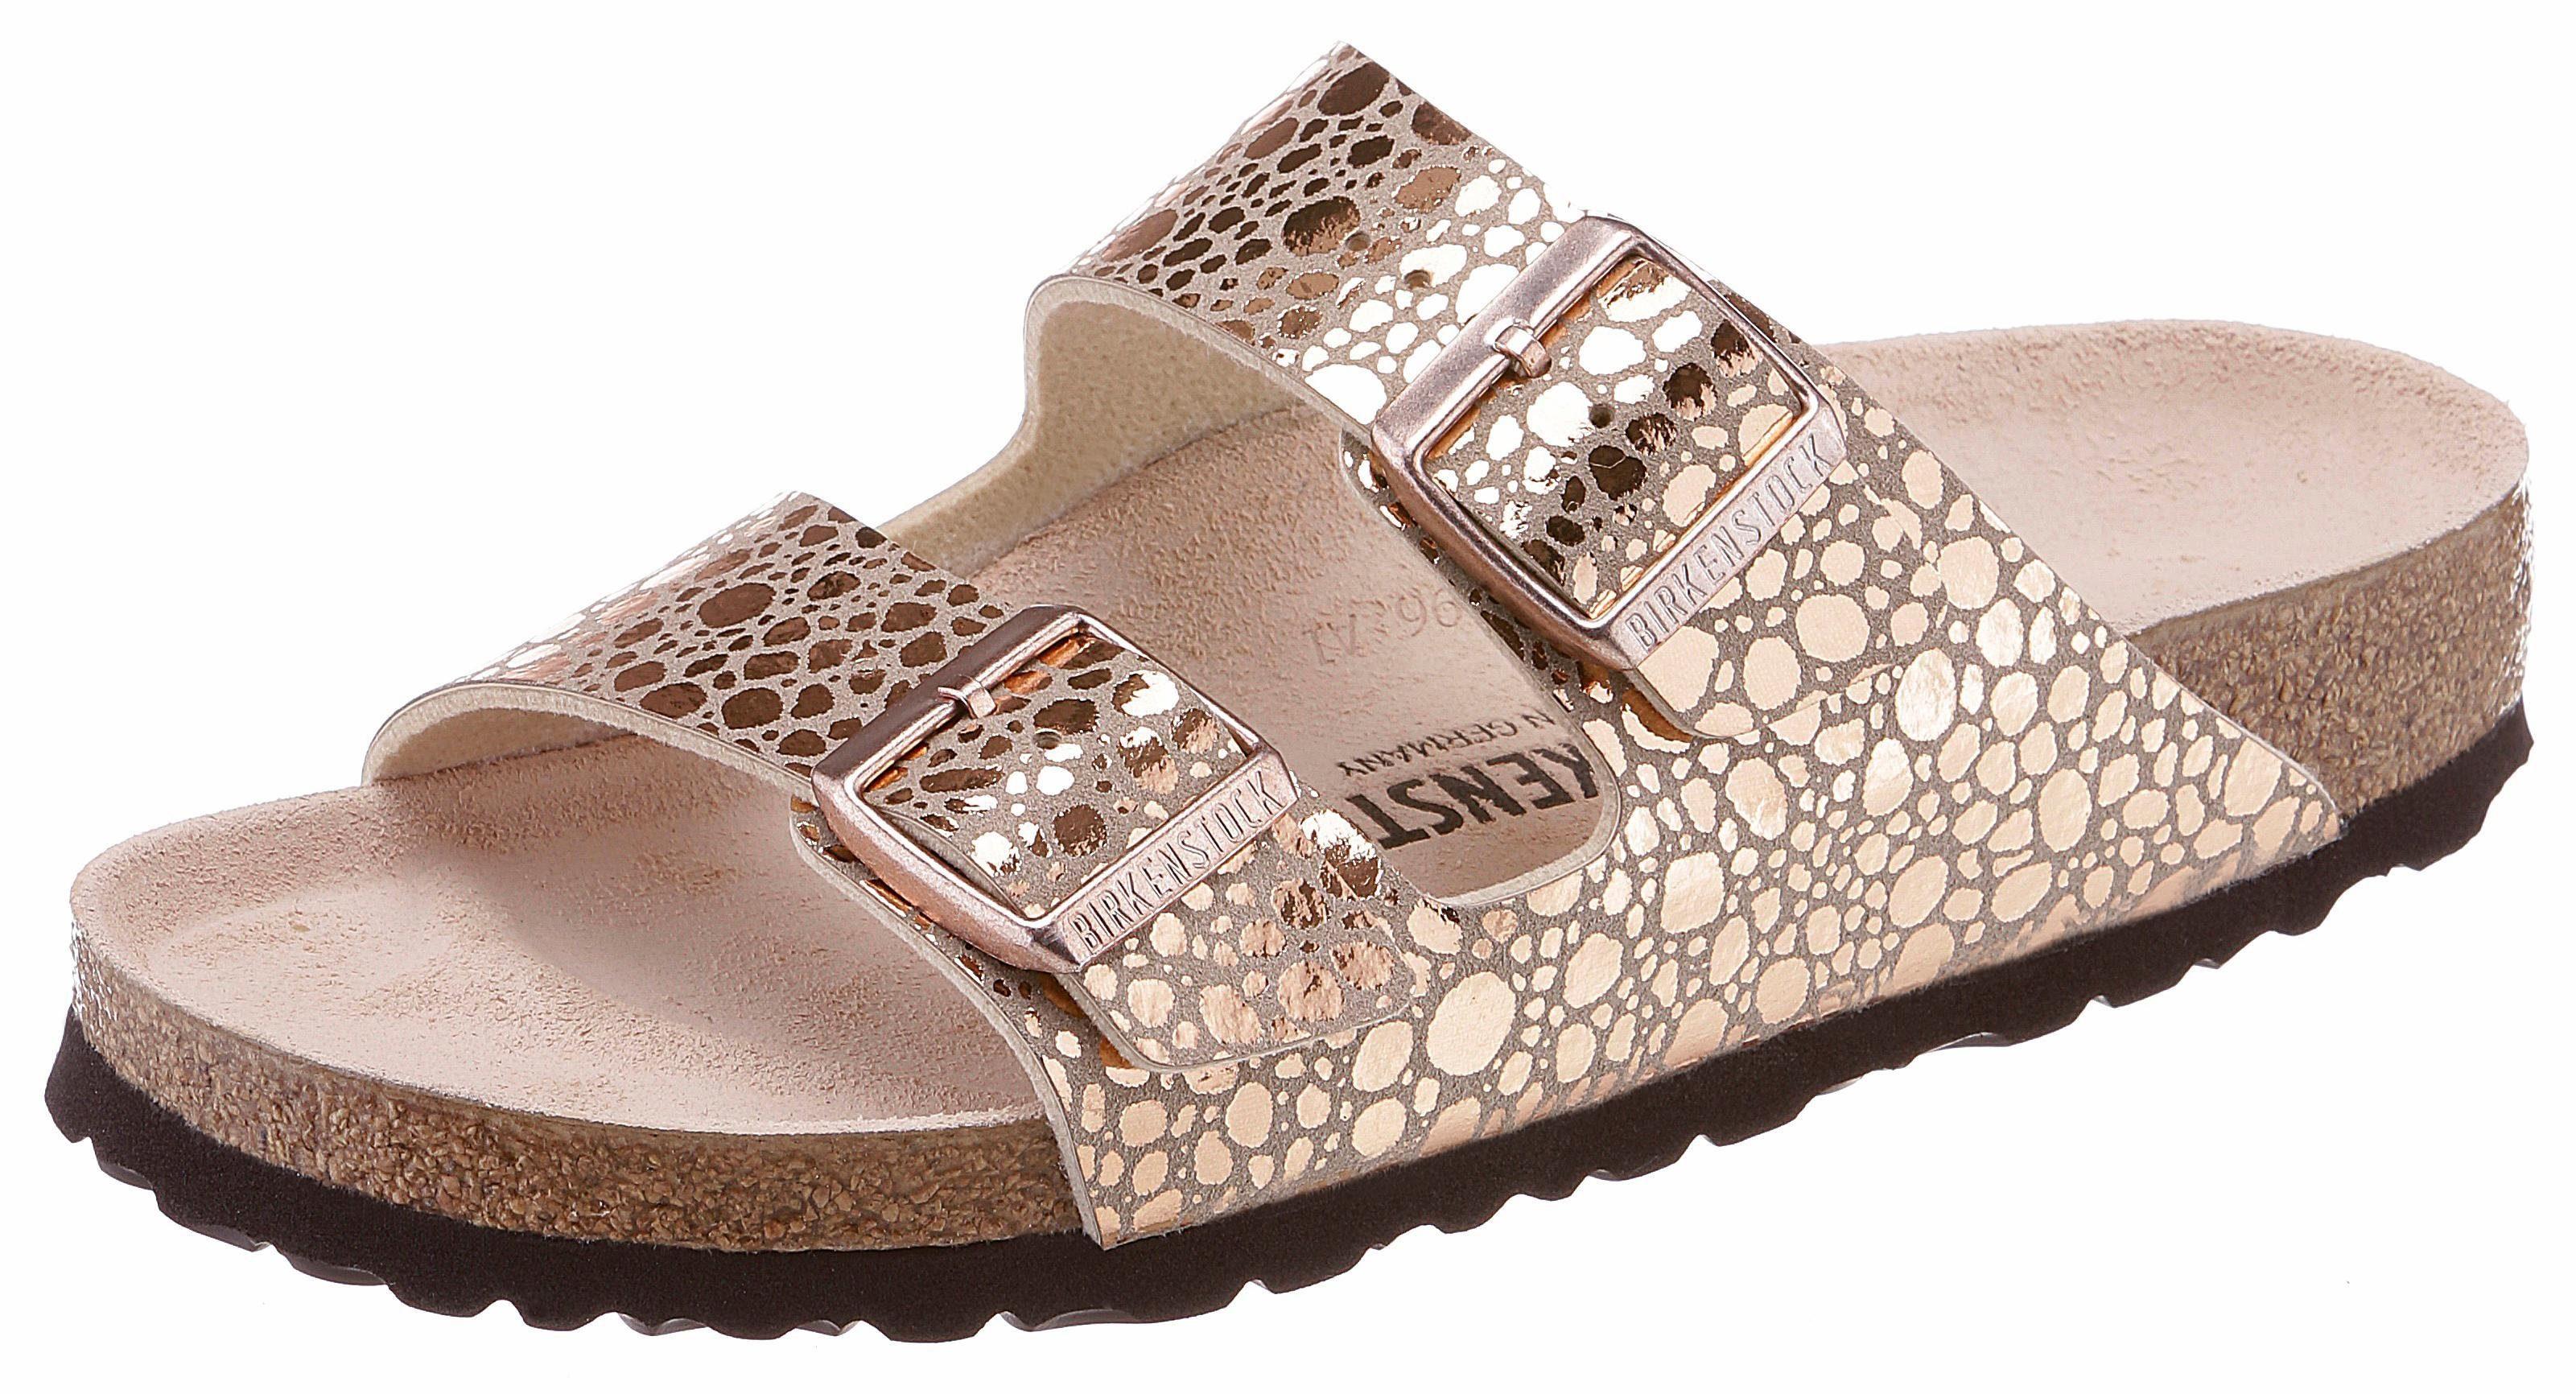 Birkenstock ARIZONA BS Metallic Pantolette, in glänzender Metallic-Optik und schmaler Schuhweite online kaufen  kupfer-taupe